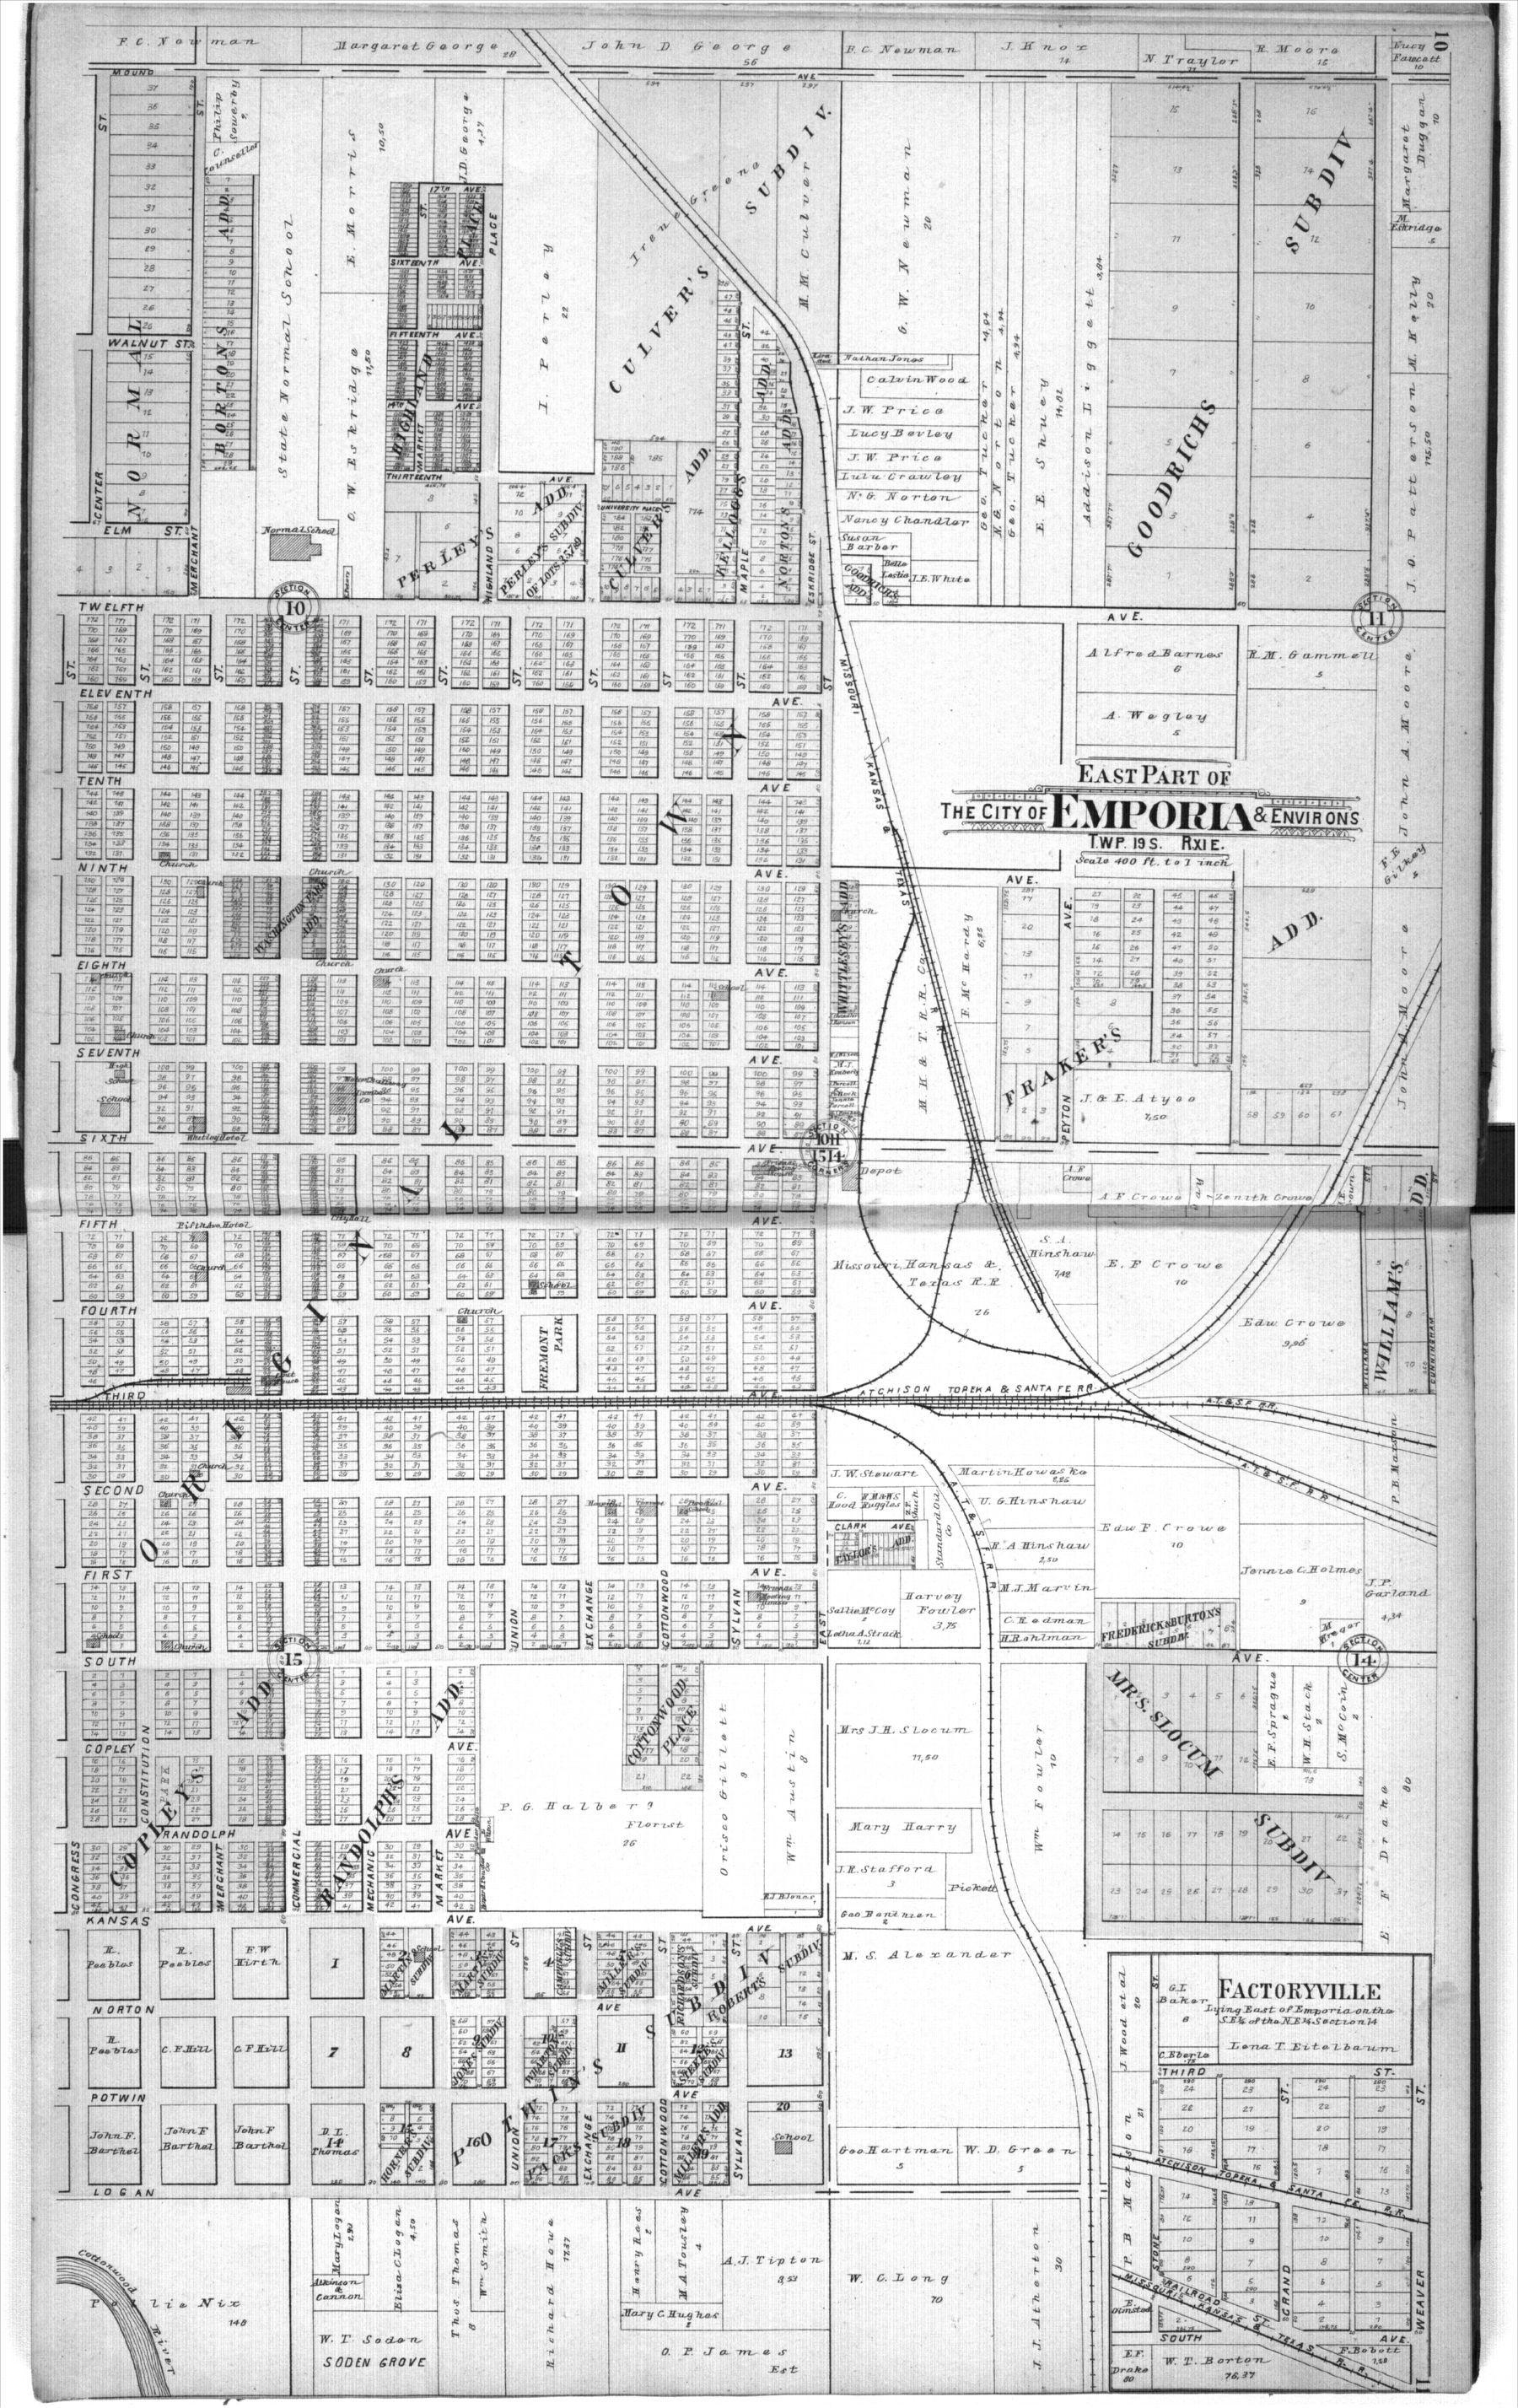 Standard atlas, Lyon County, Kansas - 10 &  11